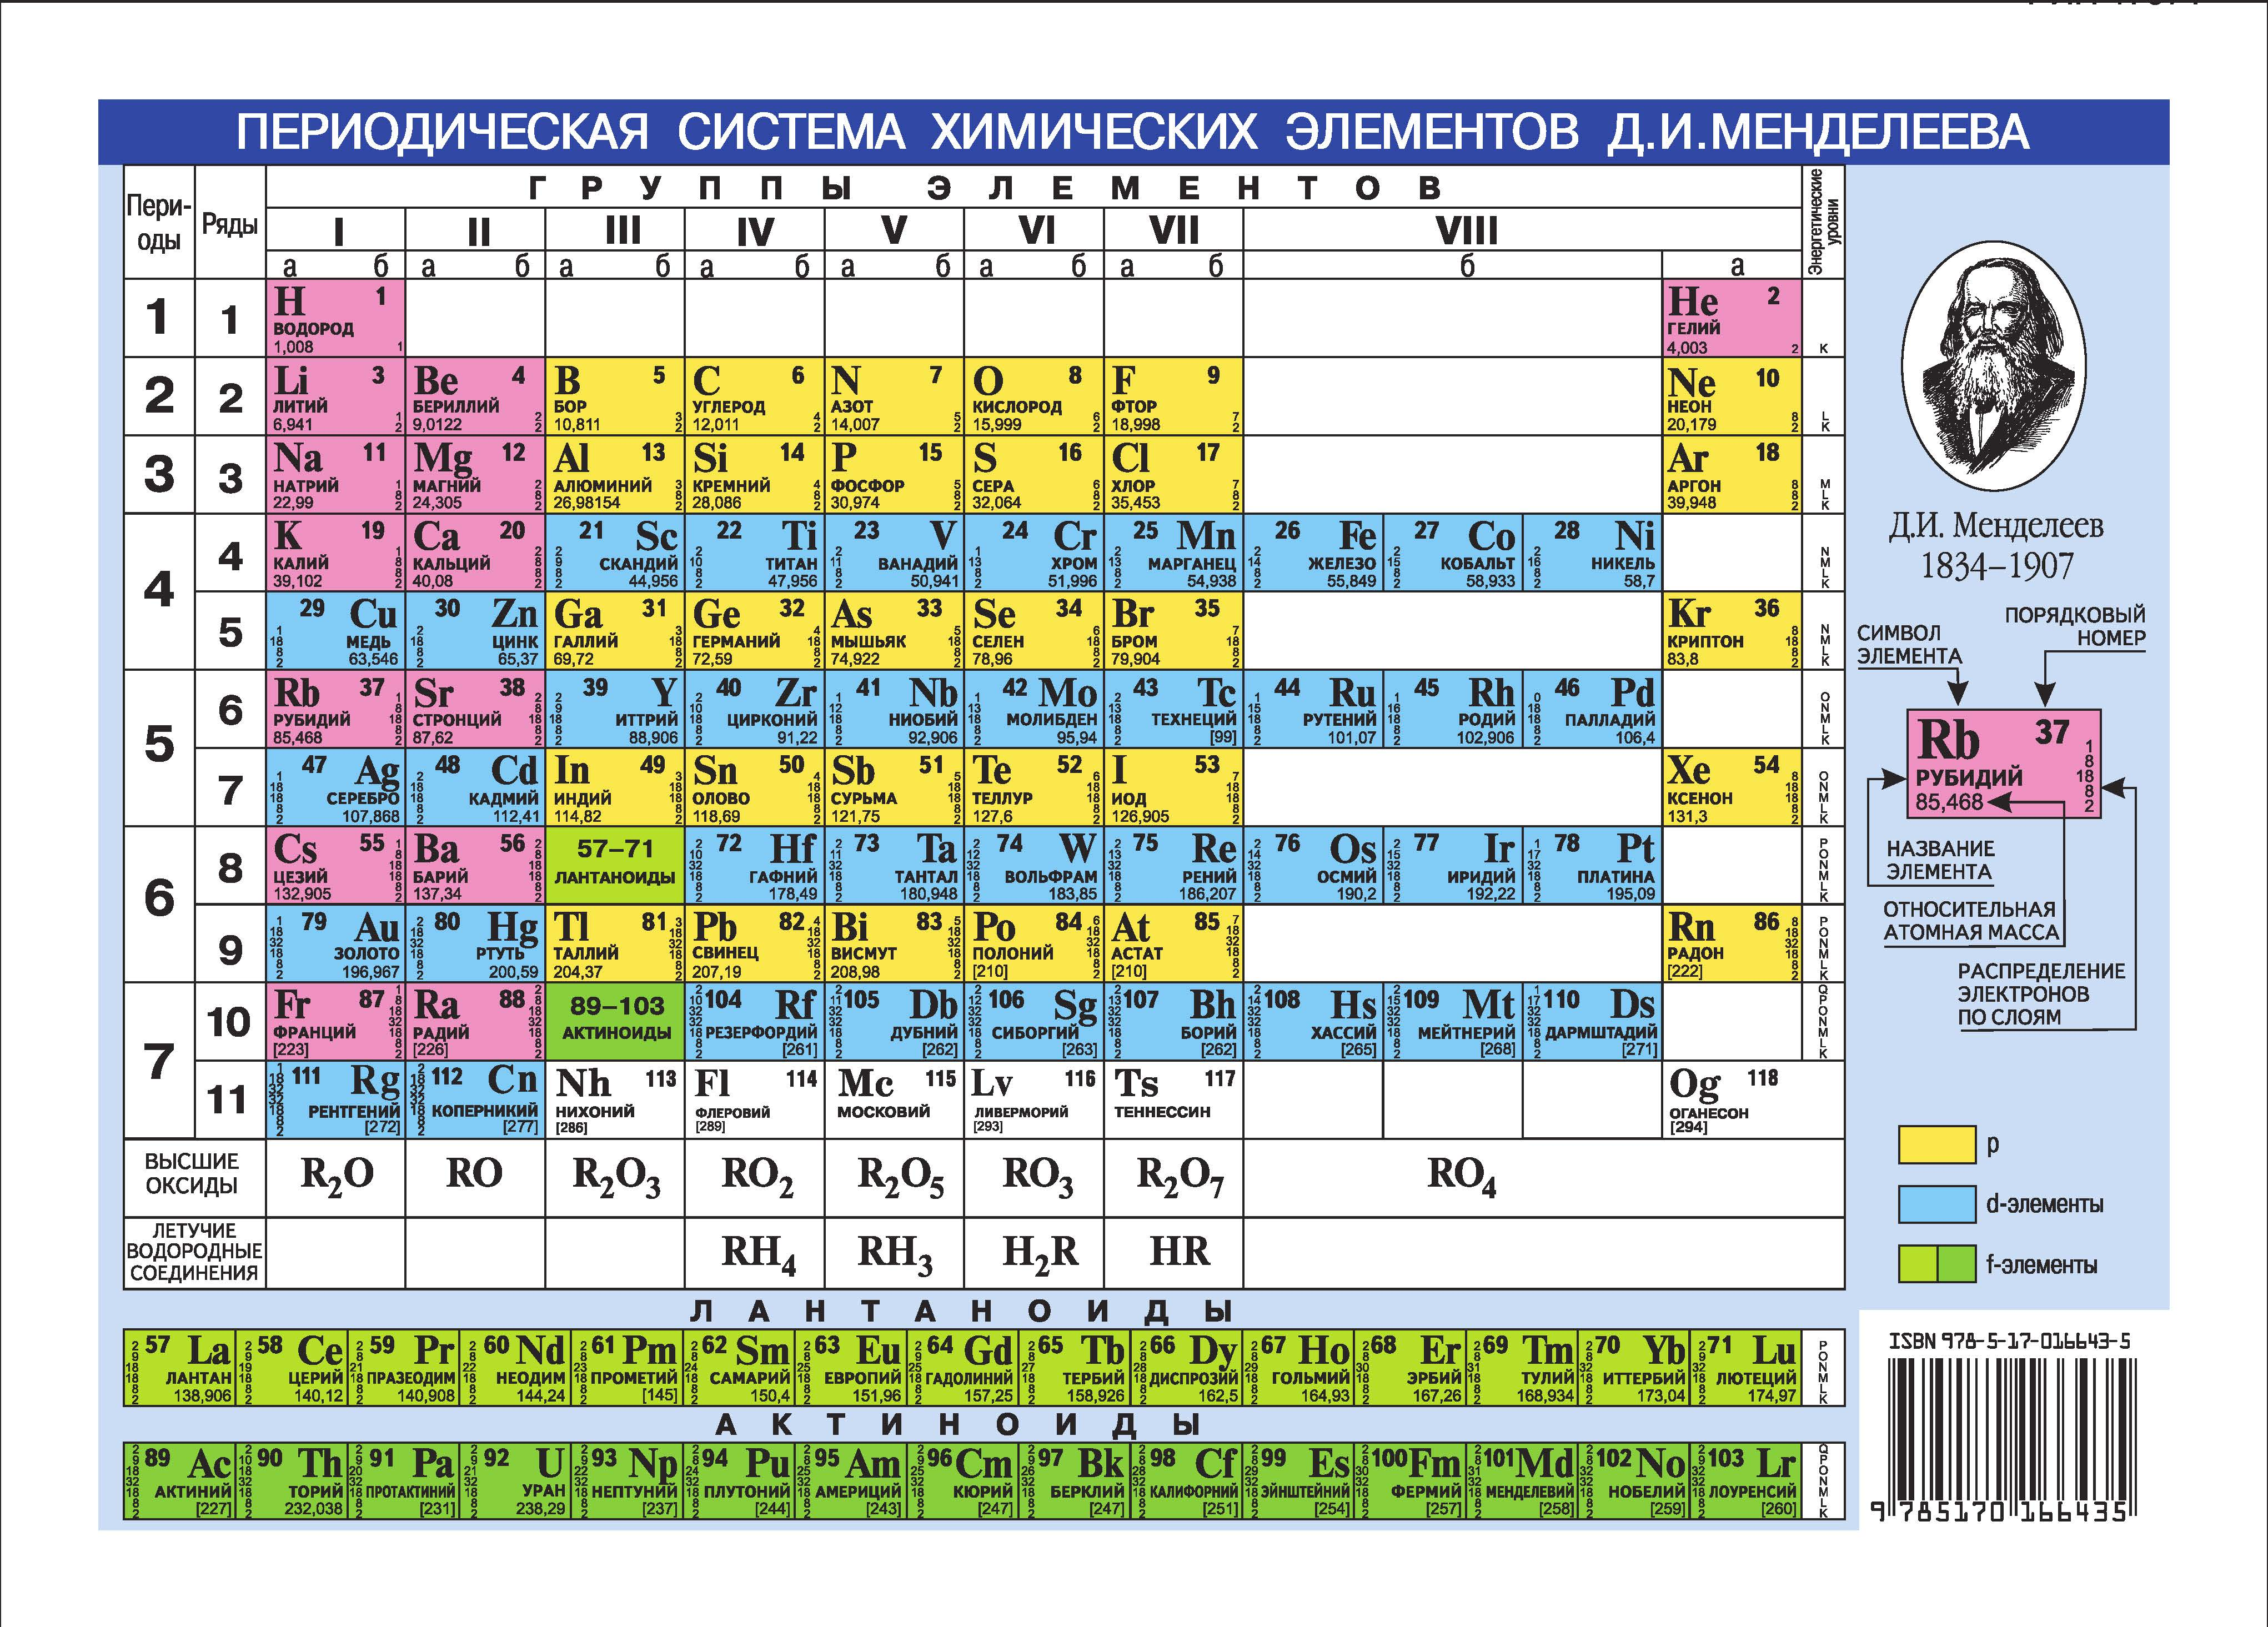 Периодическая система химических элементов Менделеева. Растворимость кислот, оснований и солей в воде.